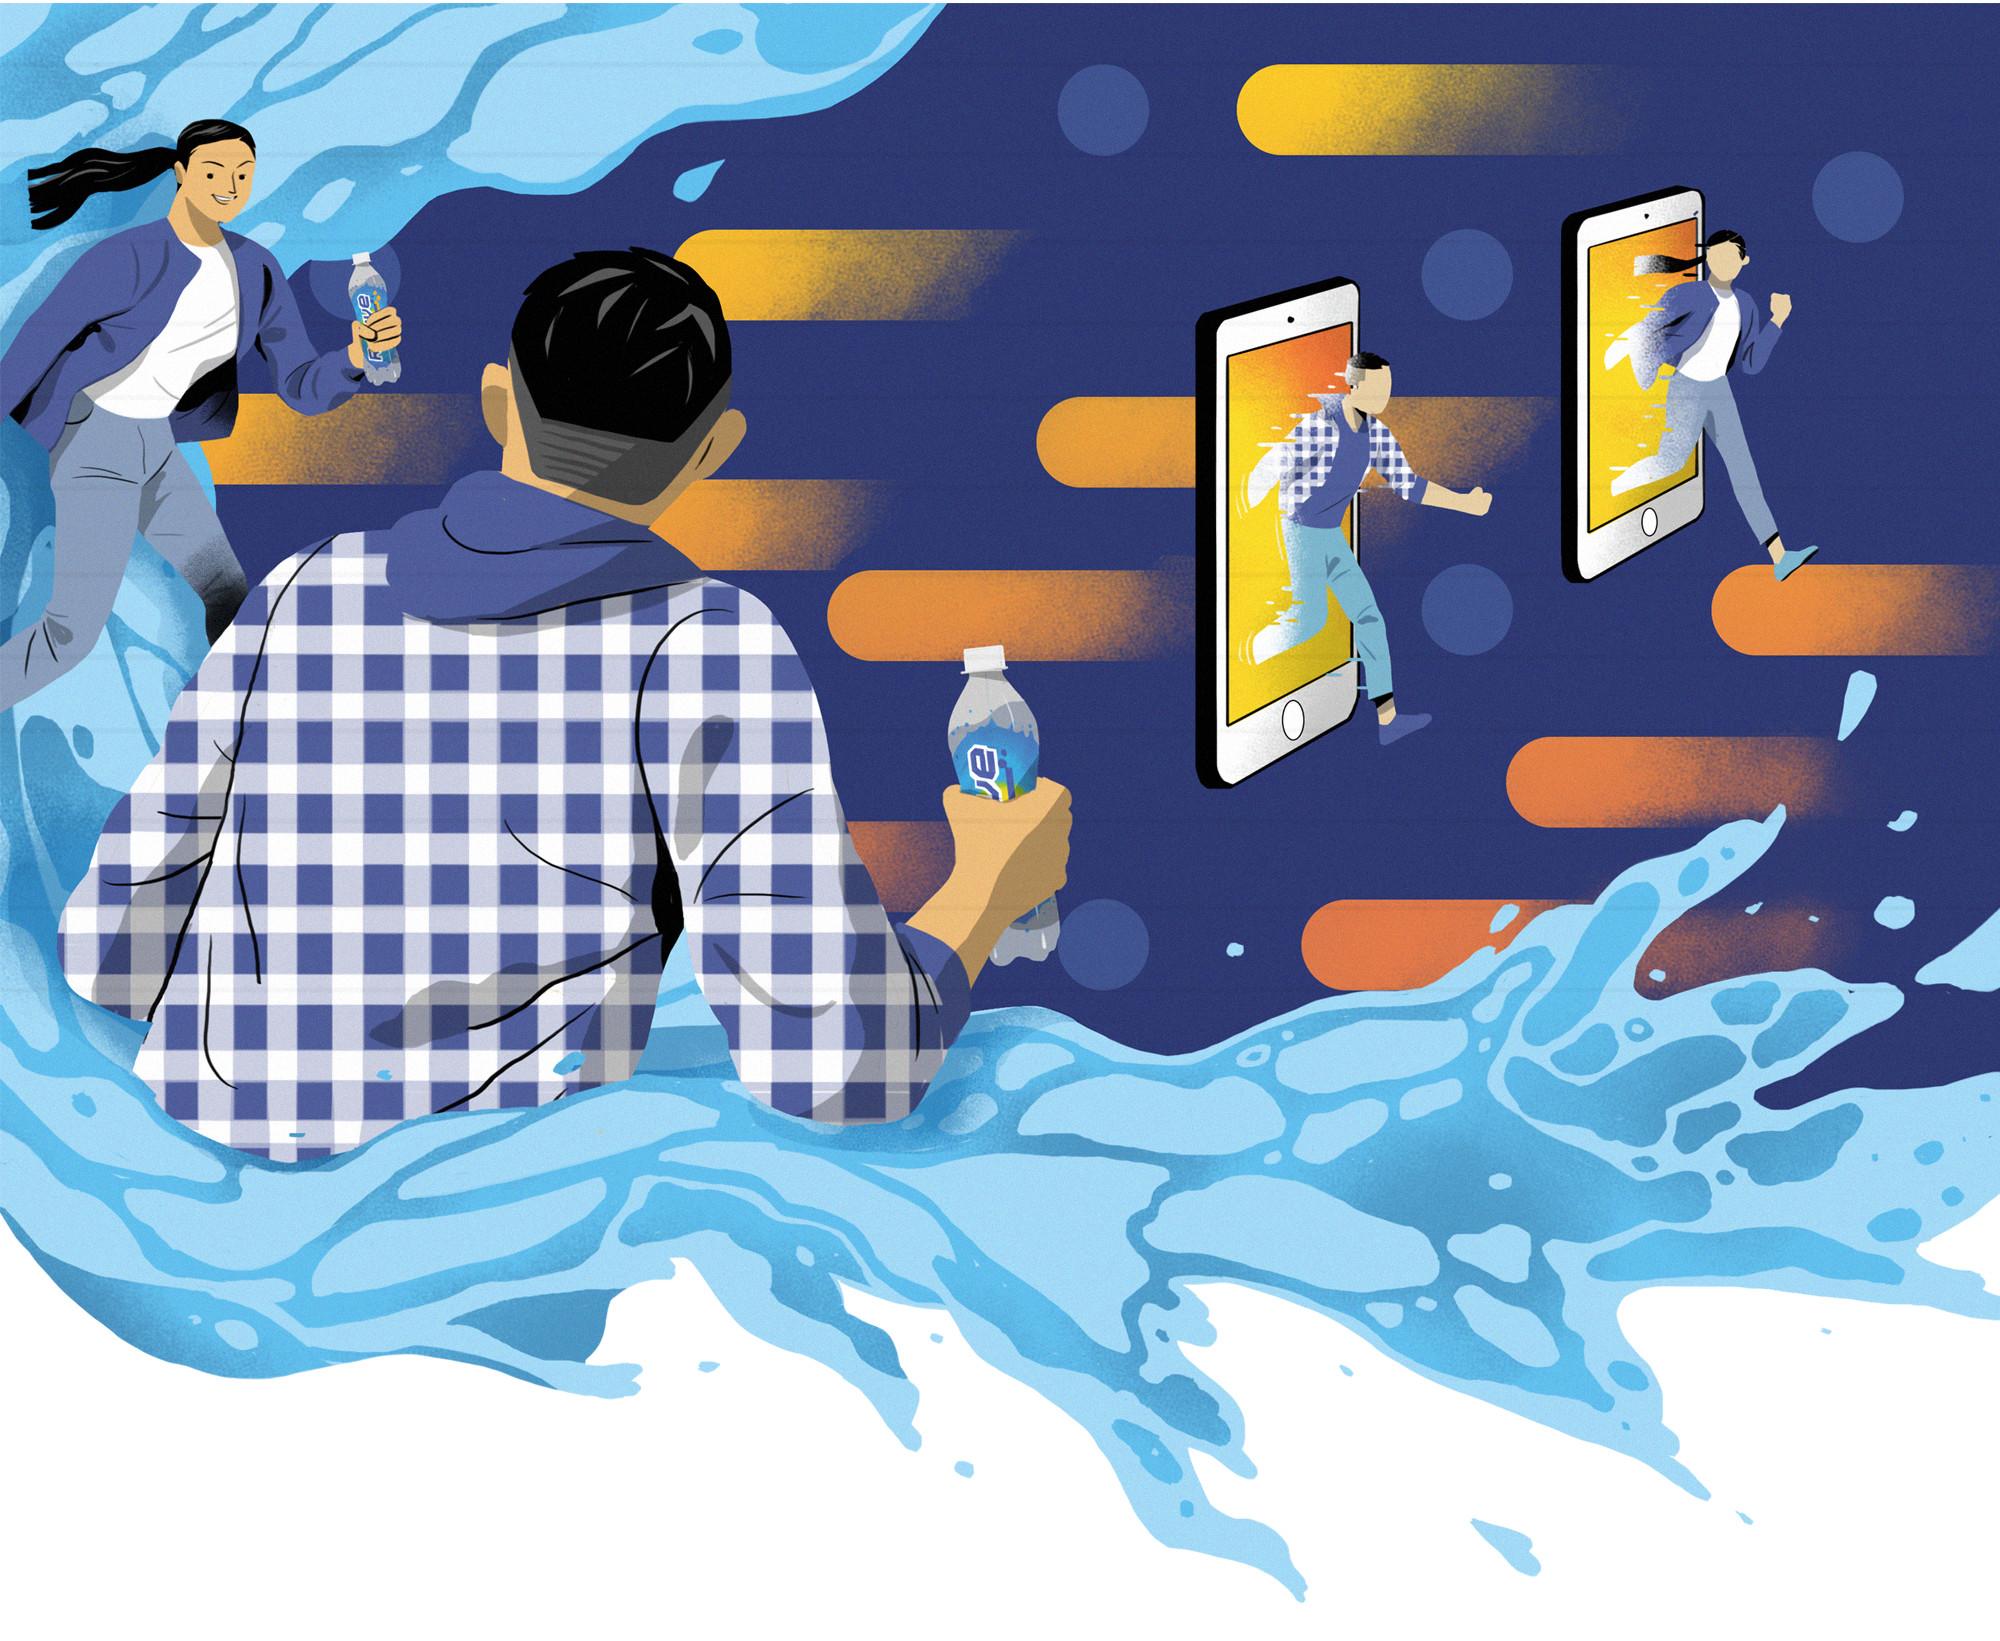 Lướt bên lăng kính smartphone ư? Đã đến lúc chúng ta nên sải bước thật sự trong cuộc sống - Ảnh 13.